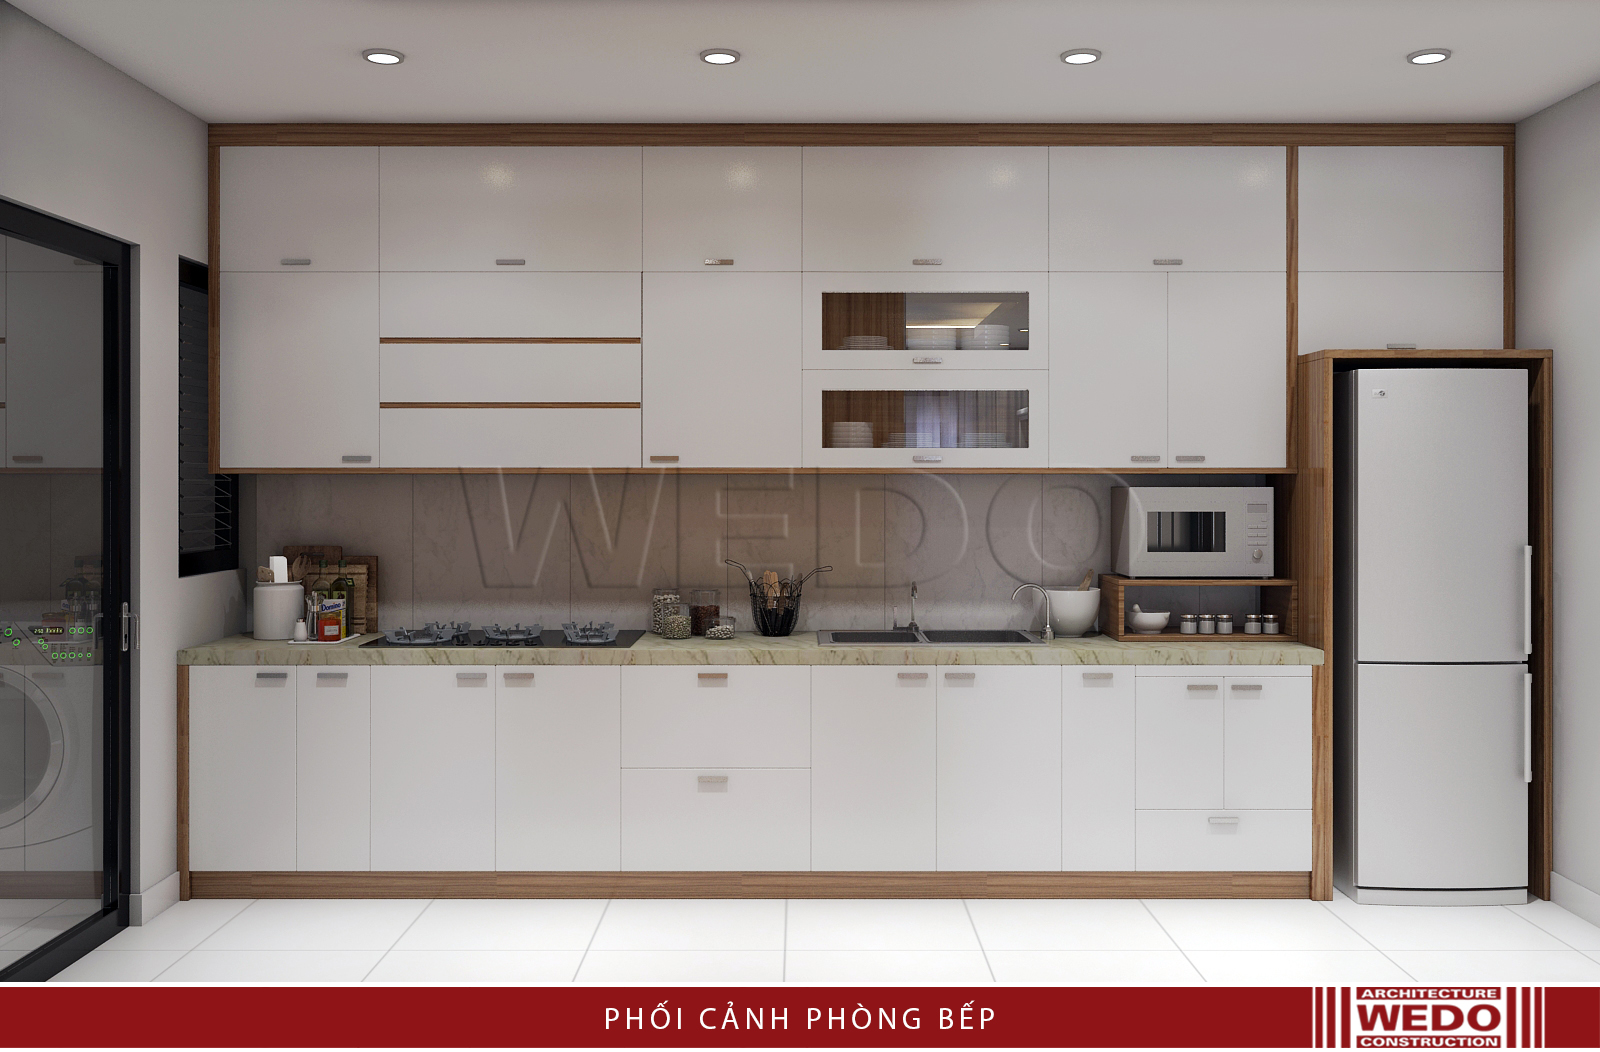 Thiết kế nội thất phòng bếp chung cư Mulberry Lane